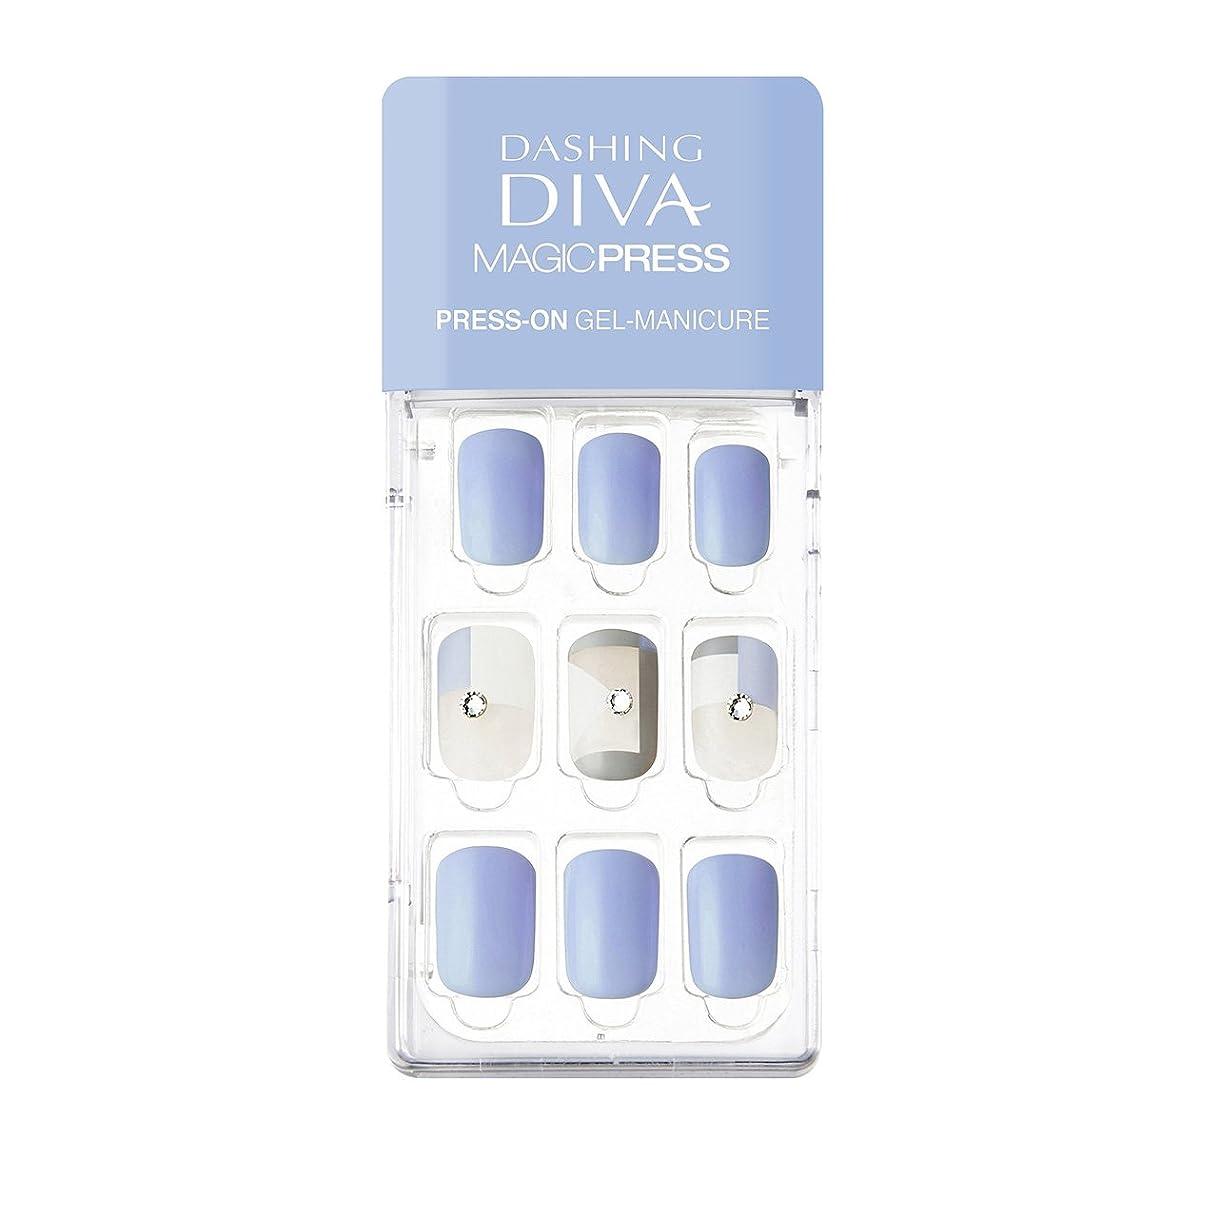 午後医学タンクダッシングディバ マジックプレス DASHING DIVA MagicPress MDR136-DURY+ オリジナルジェル ネイルチップ